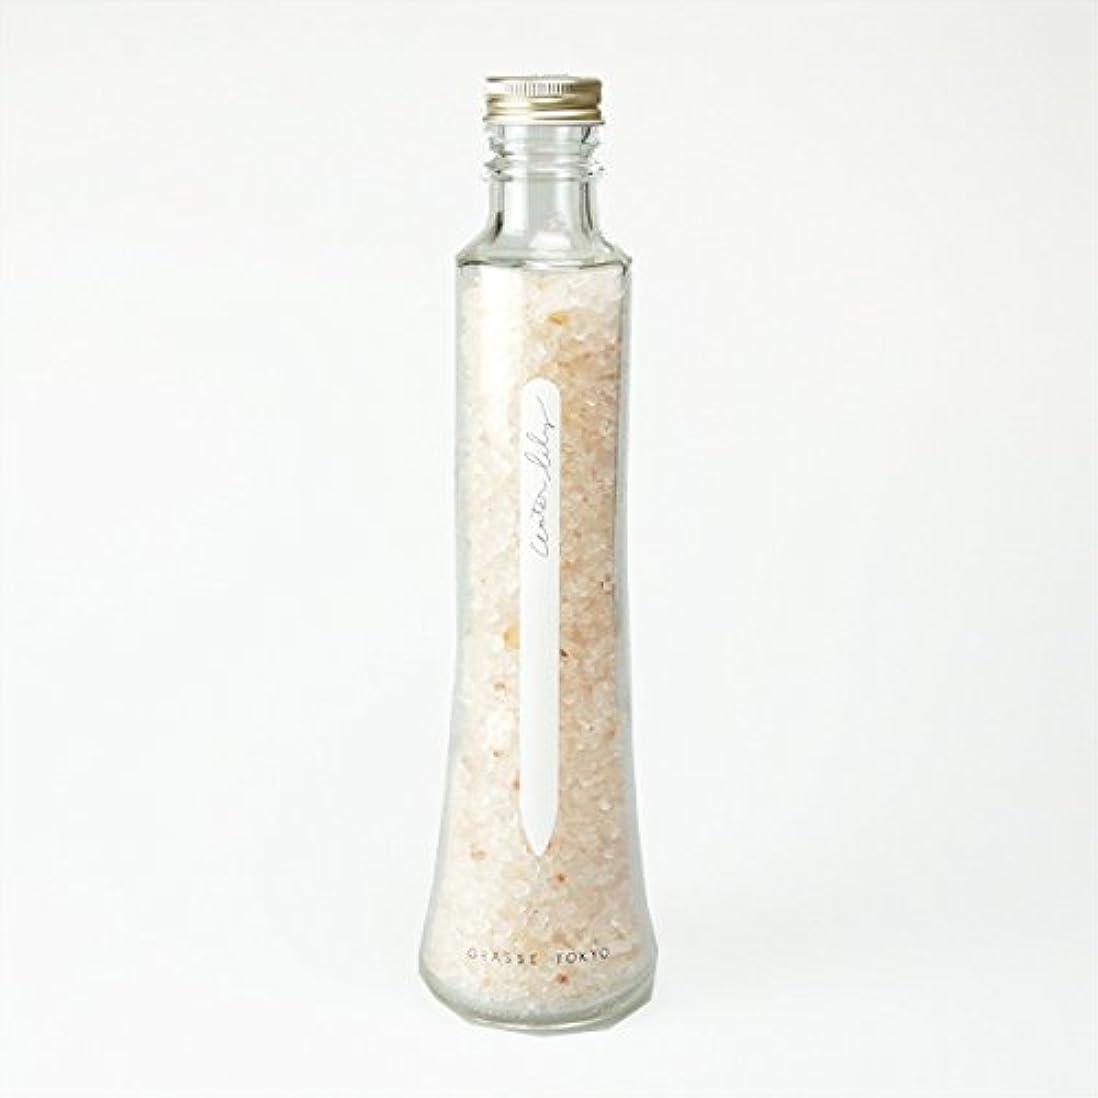 ピグマリオン杖要求グラーストウキョウ フレグランスソルト(浴用、12回分ボトル) Water lily 360g